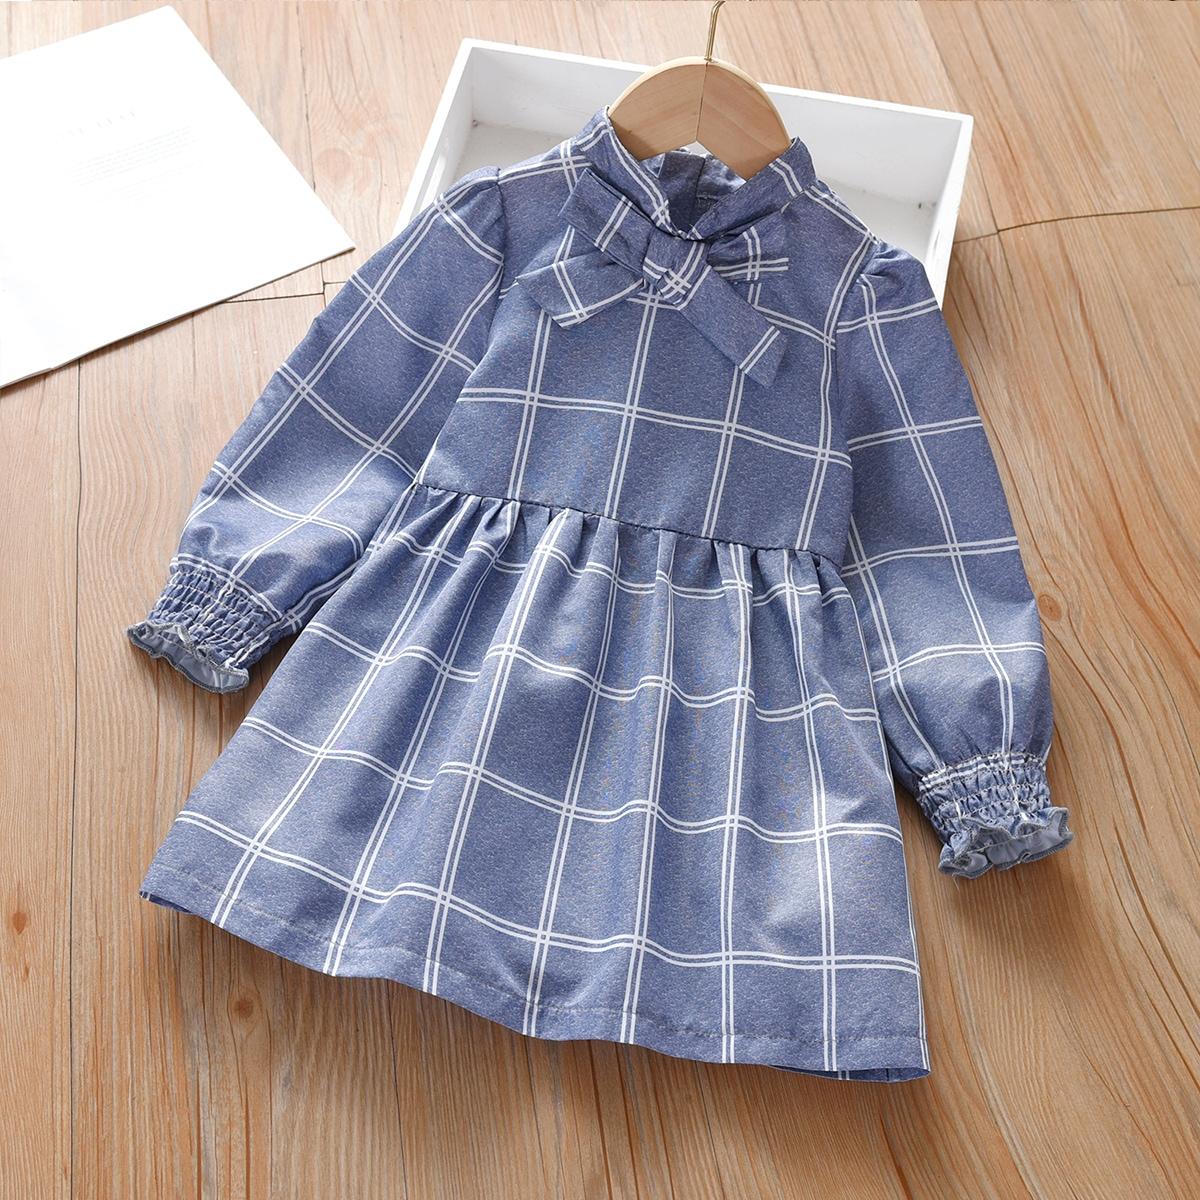 Toddler Girls Plaid Shirred Cuff Tie Neck Dress